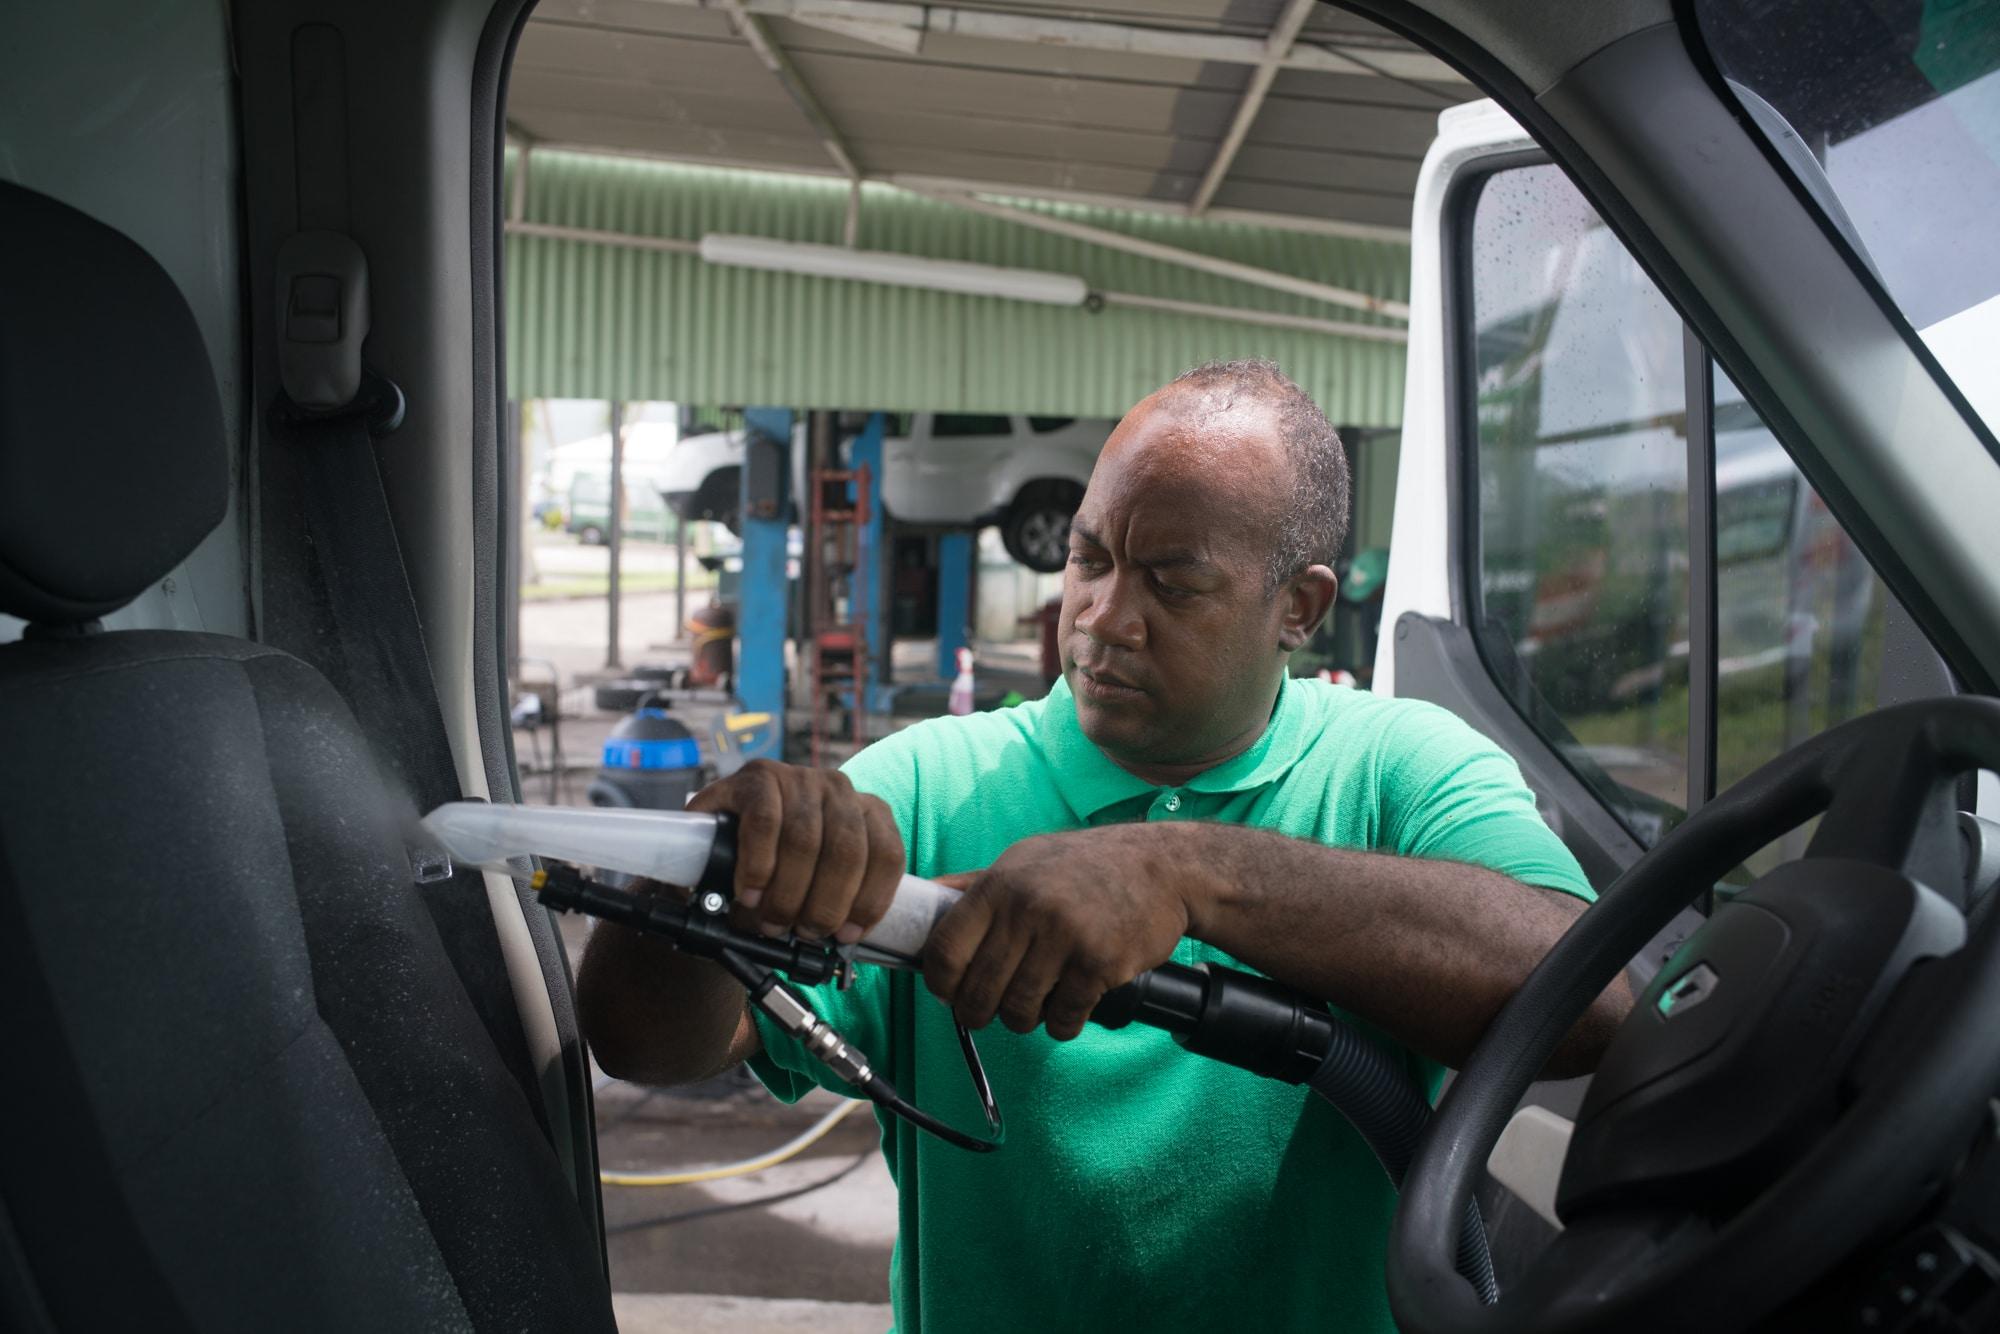 Du côté conducteur, Fred applique un produit moussant sur le siège du véhicule.